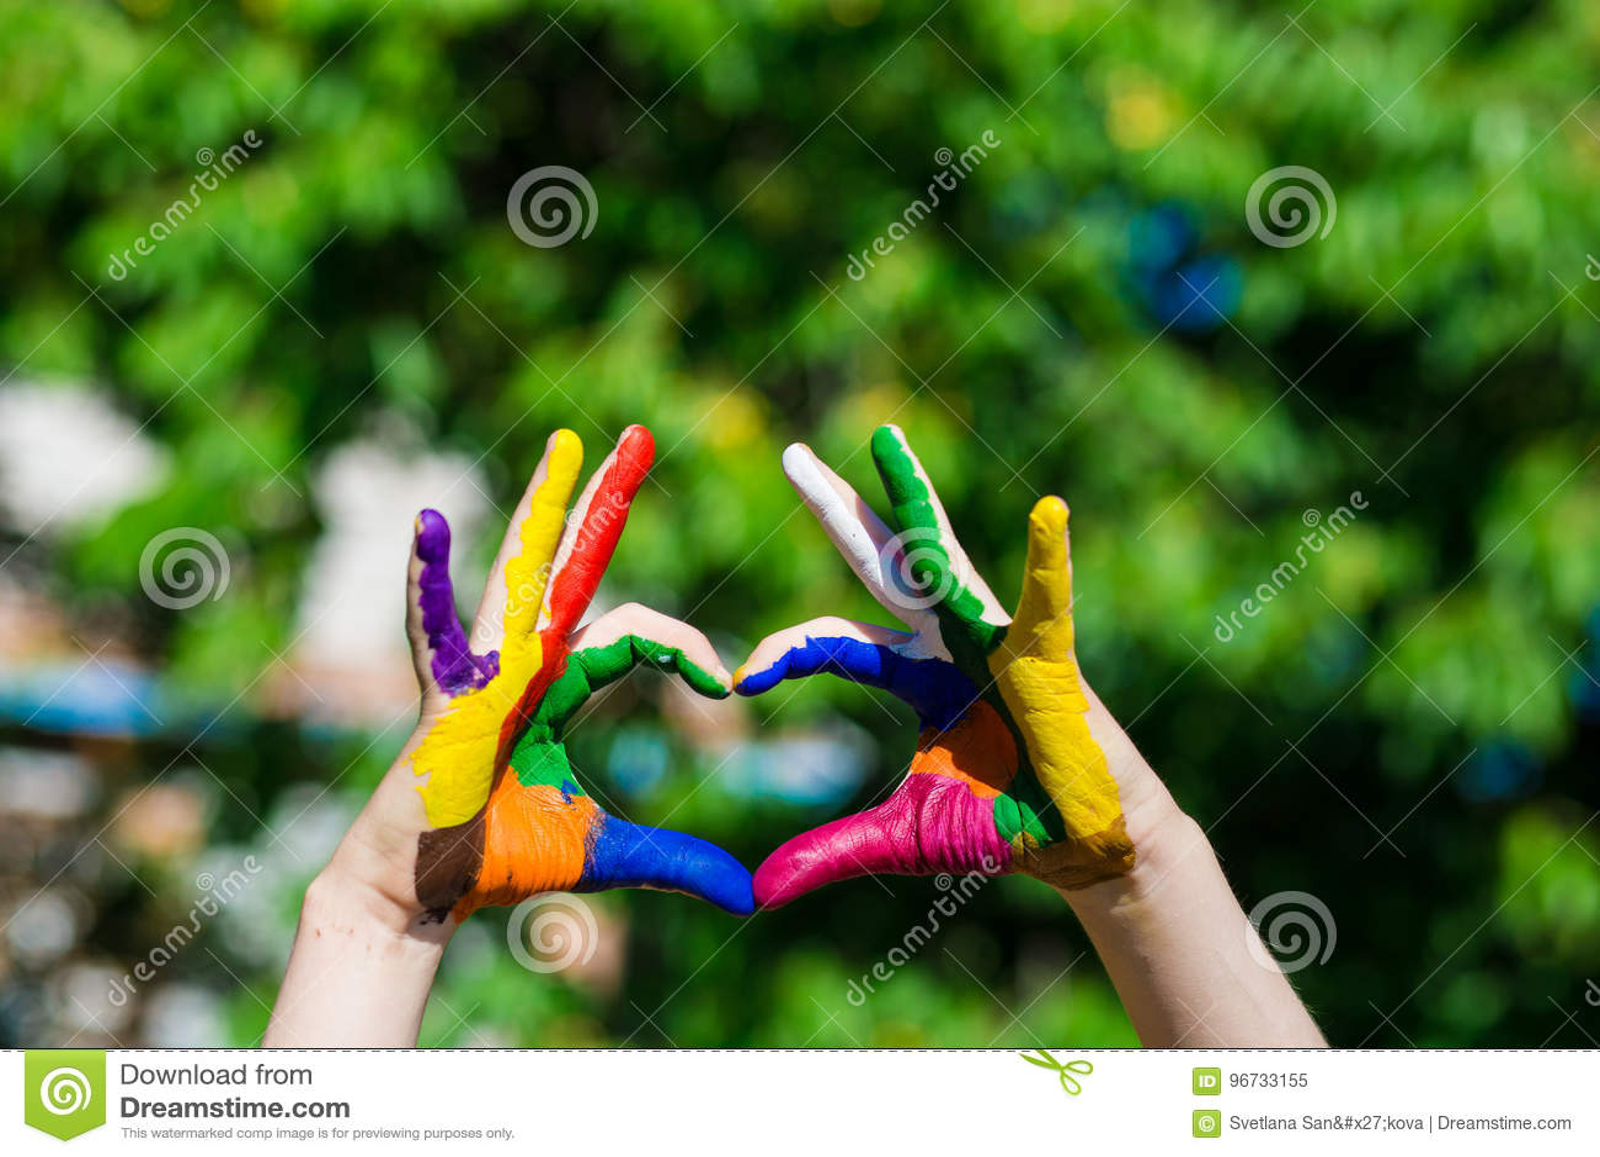 Die Kinderhände, die in den hellen Farben gemalt werden, machen eine Herzform auf Sommernaturhintergrund